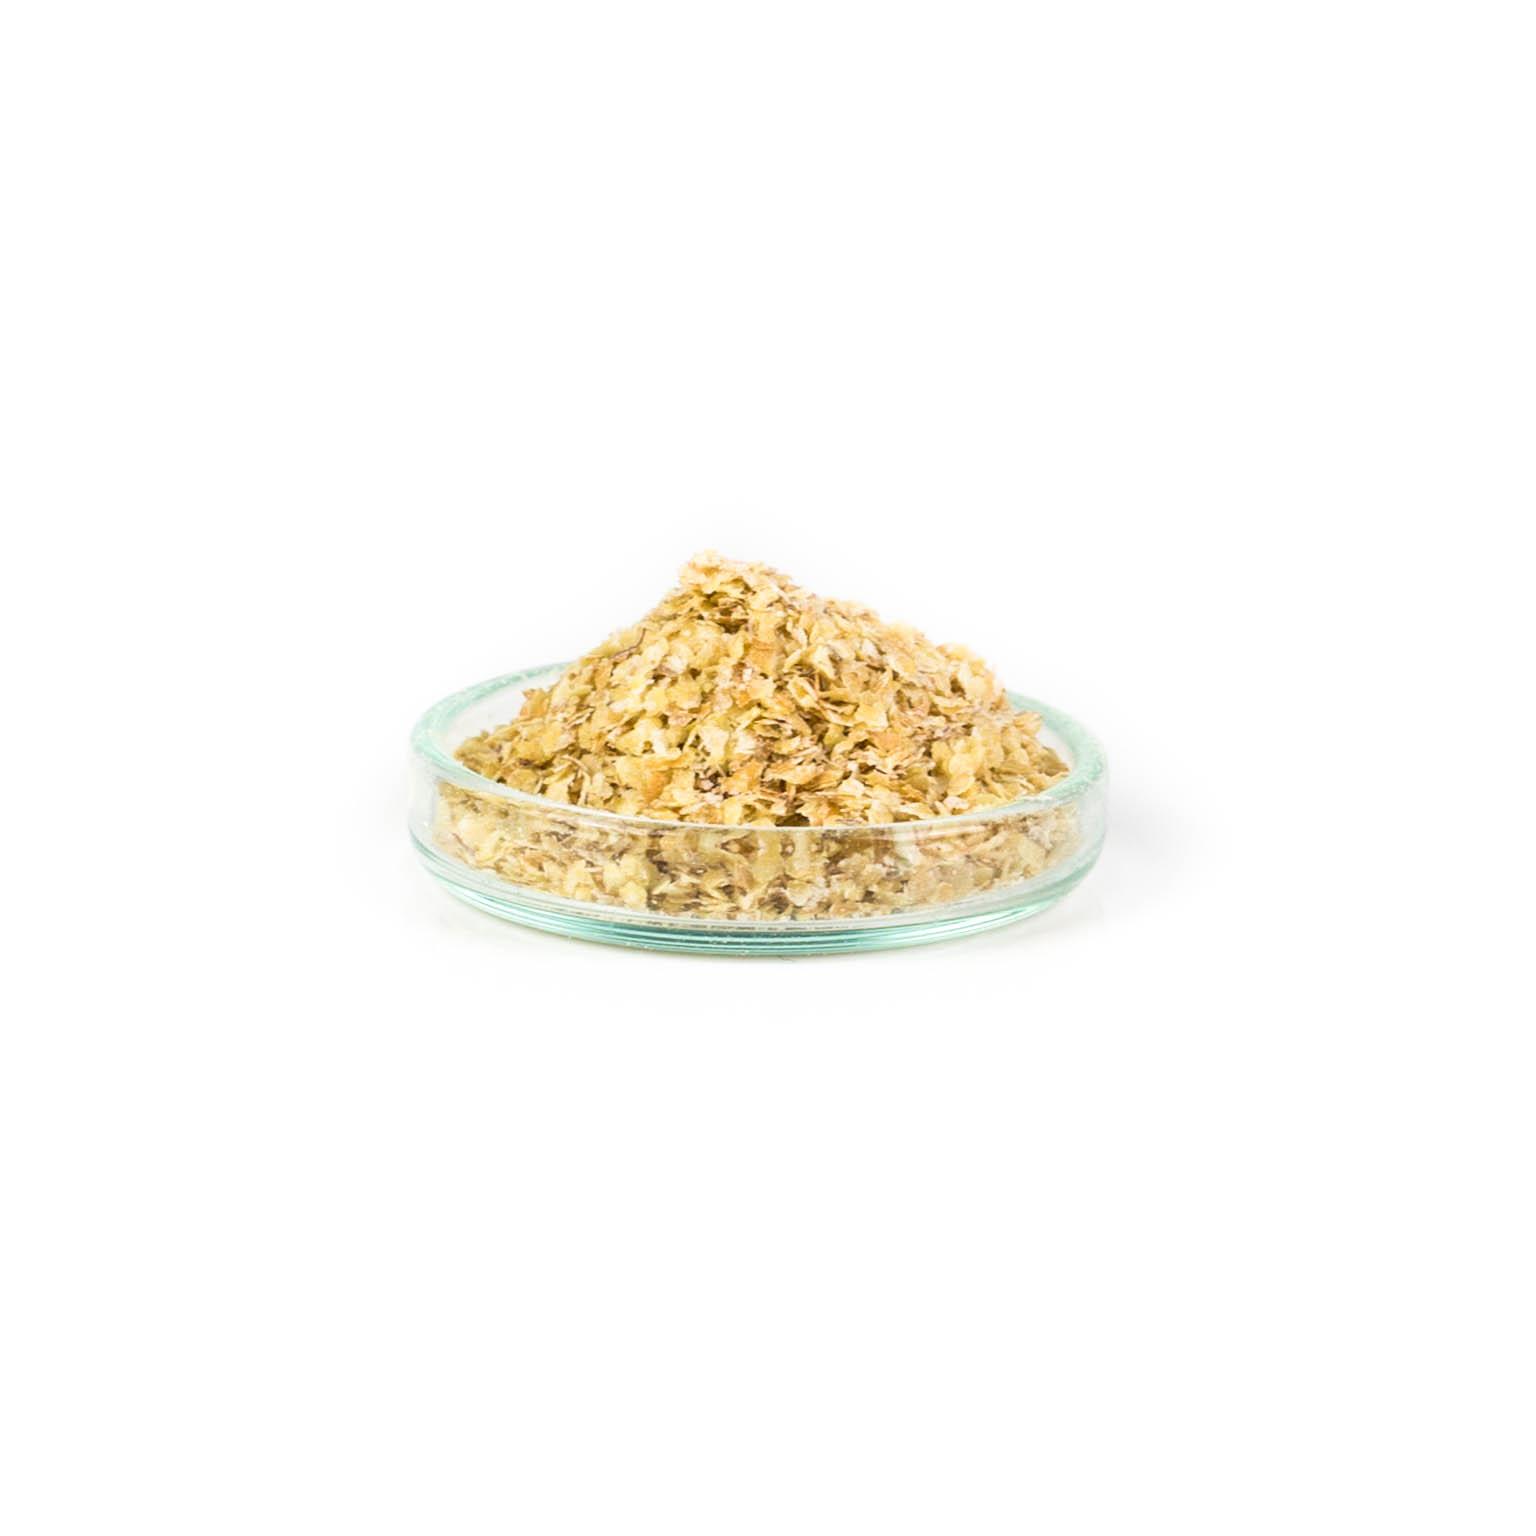 Objemové přísady 500g - Pšeničné klíčky